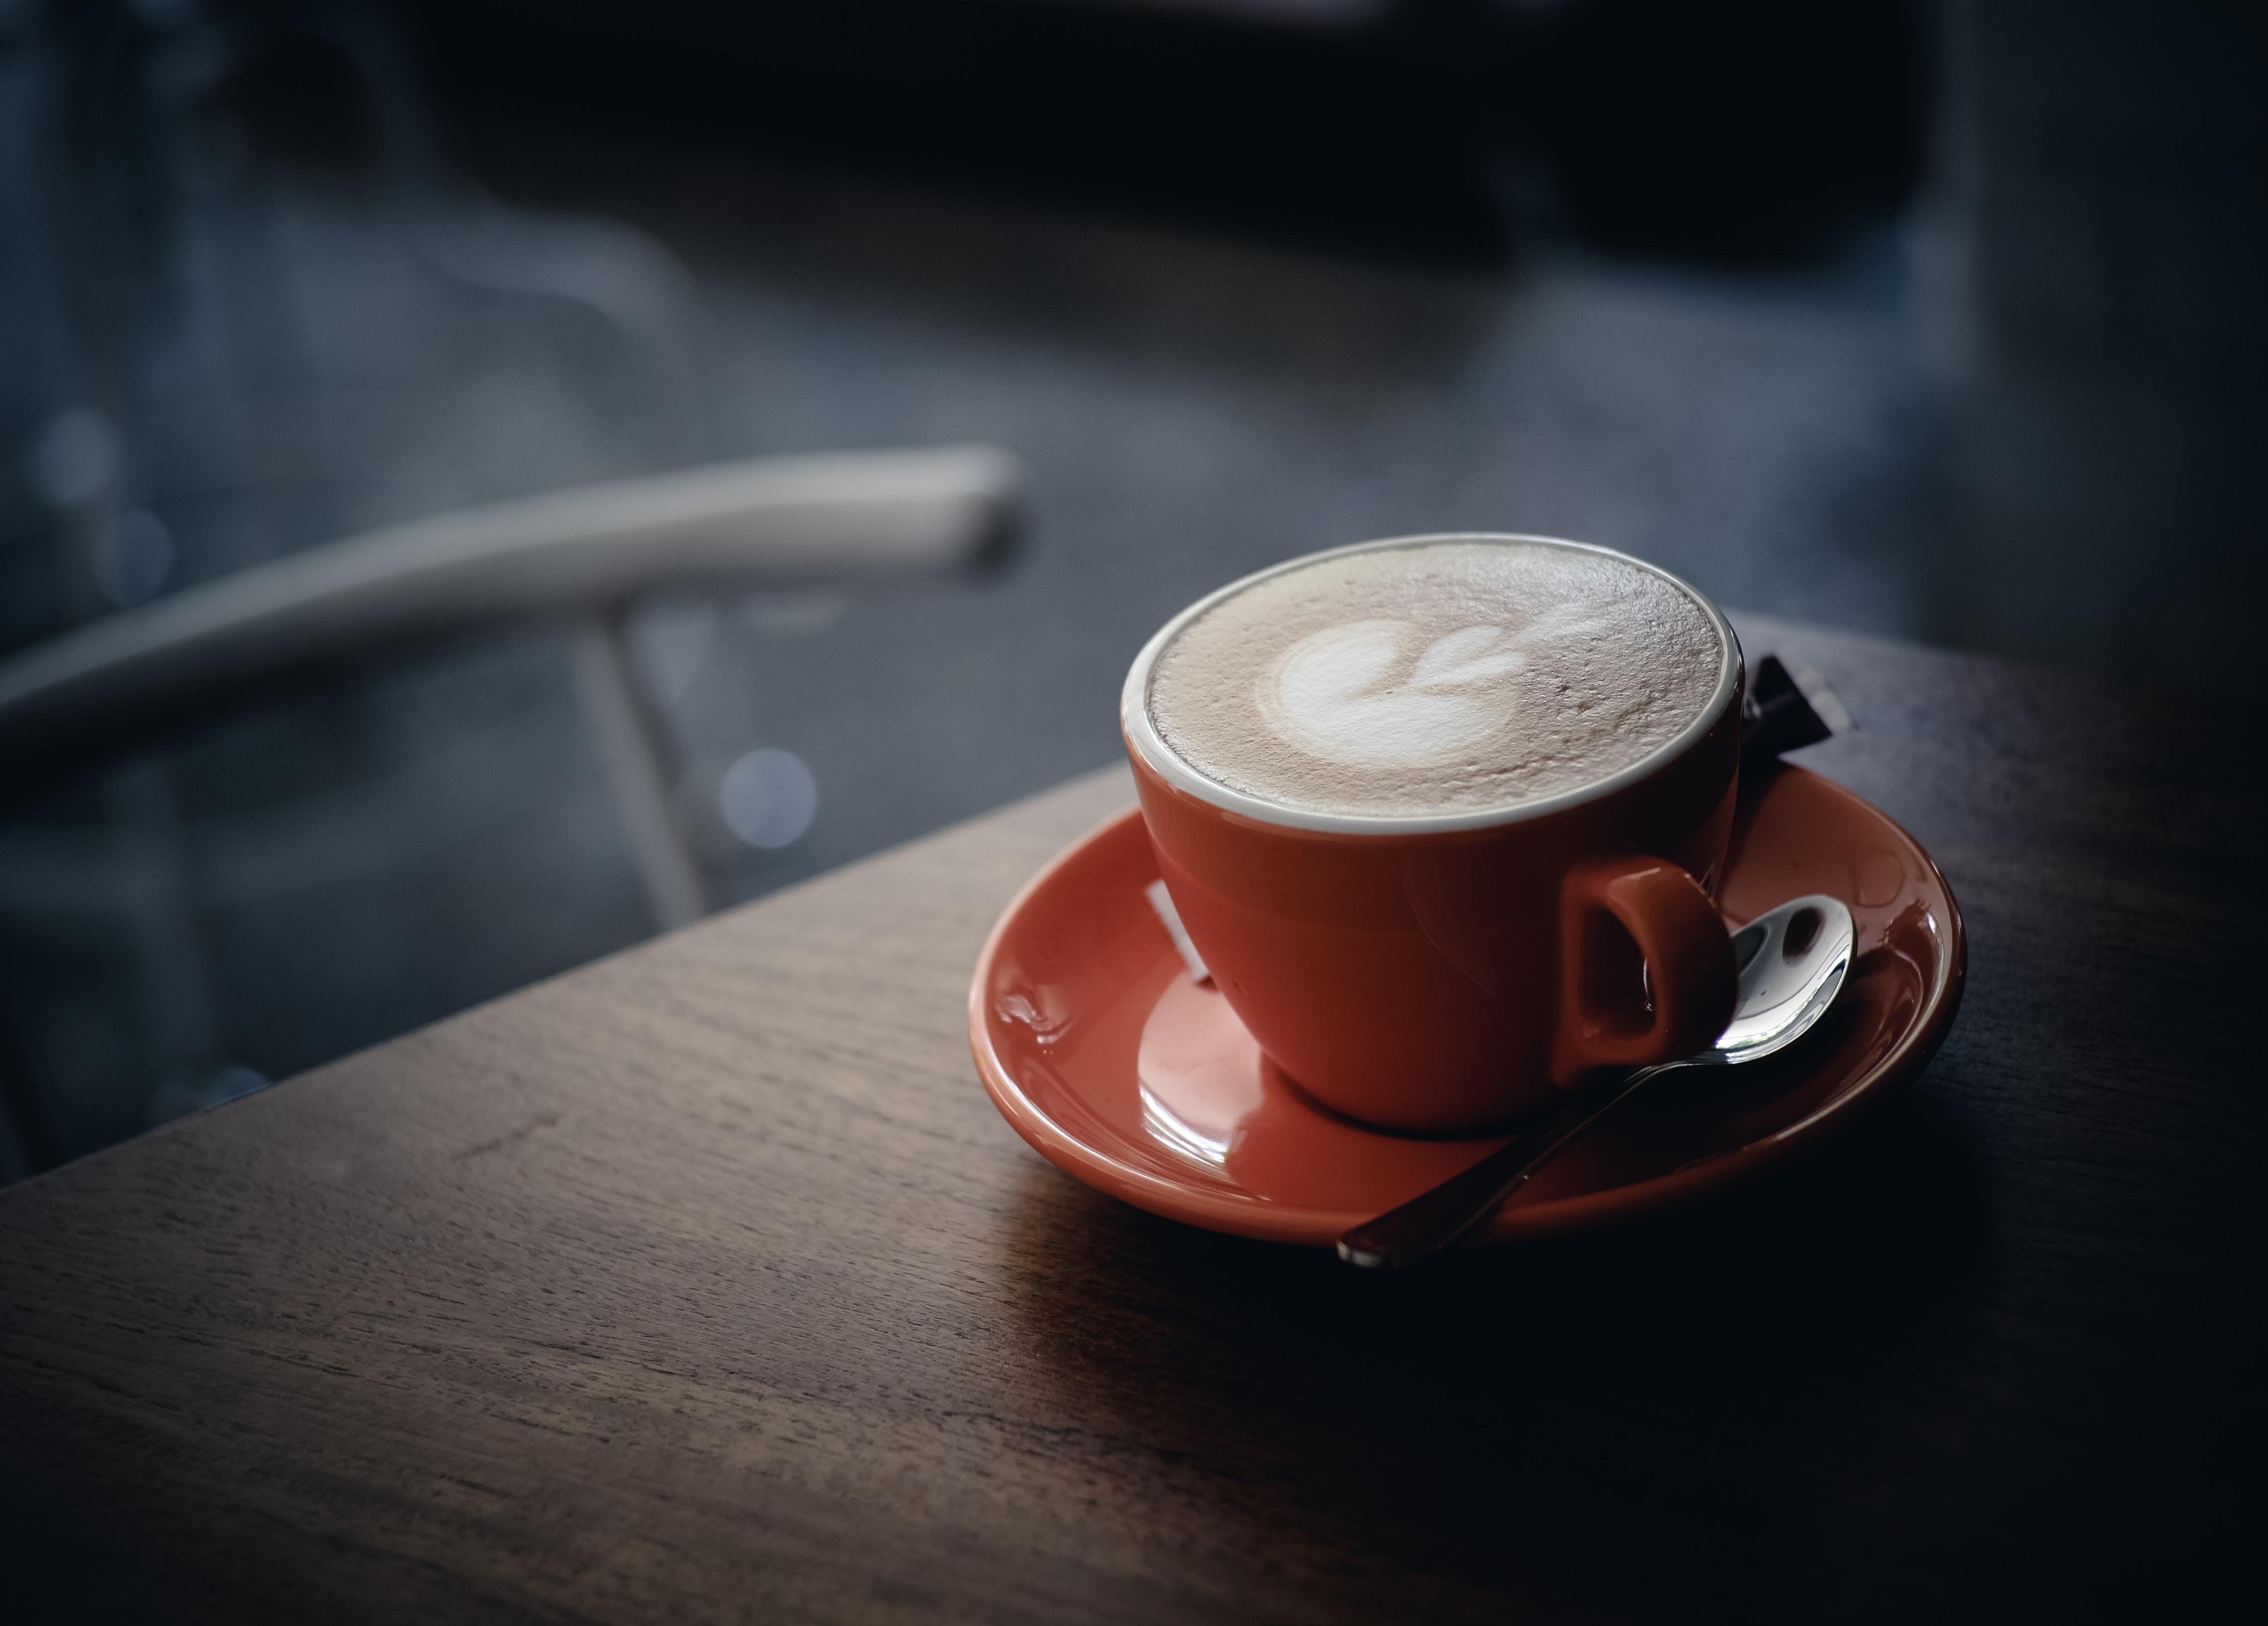 コーヒー 赤いカップ